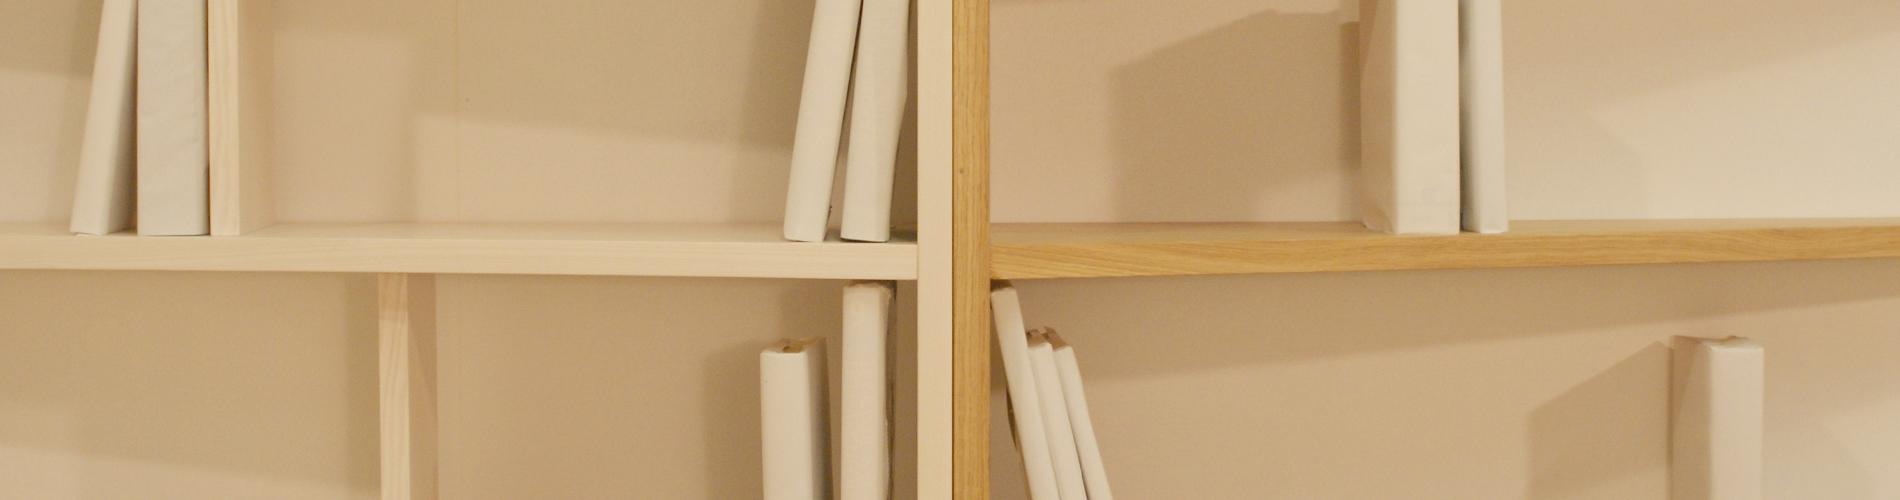 libreria in legno onya design tigullio chiavari